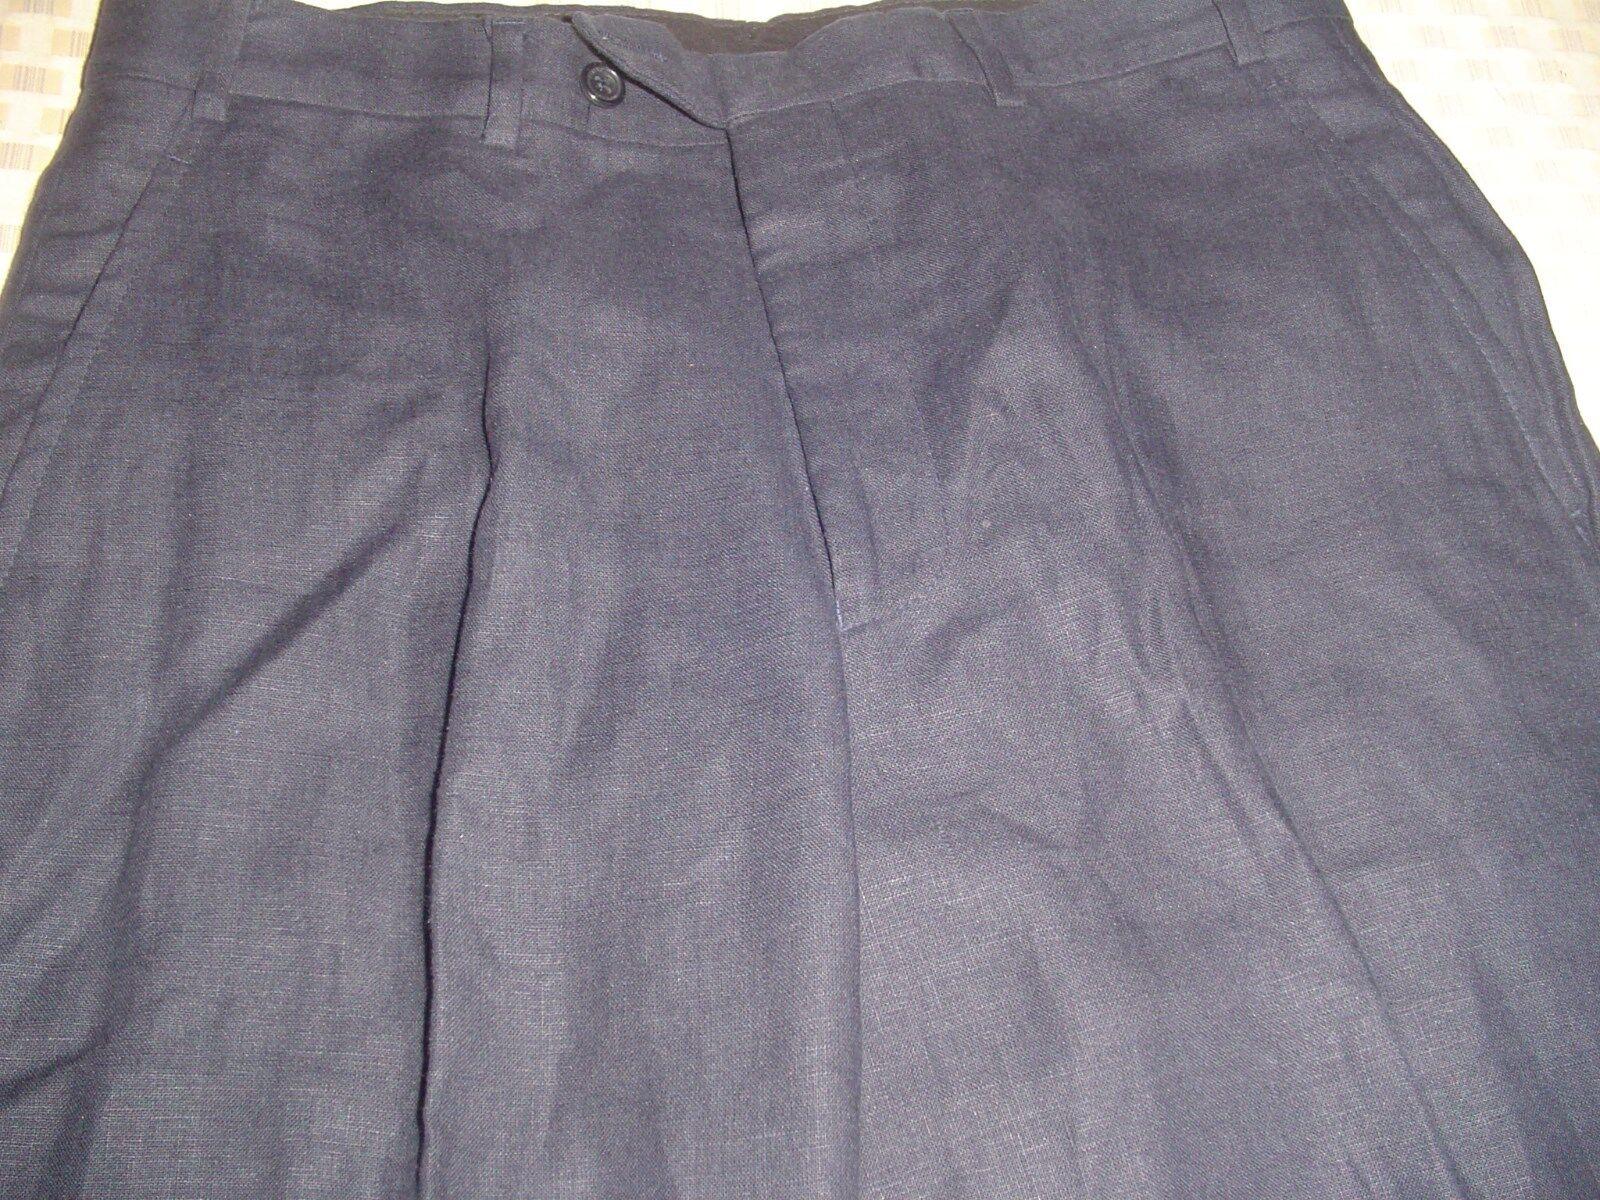 AQUASCUTUM AQUASCUTUM AQUASCUTUM Navy Lino Pantaloni 32 R f761a1